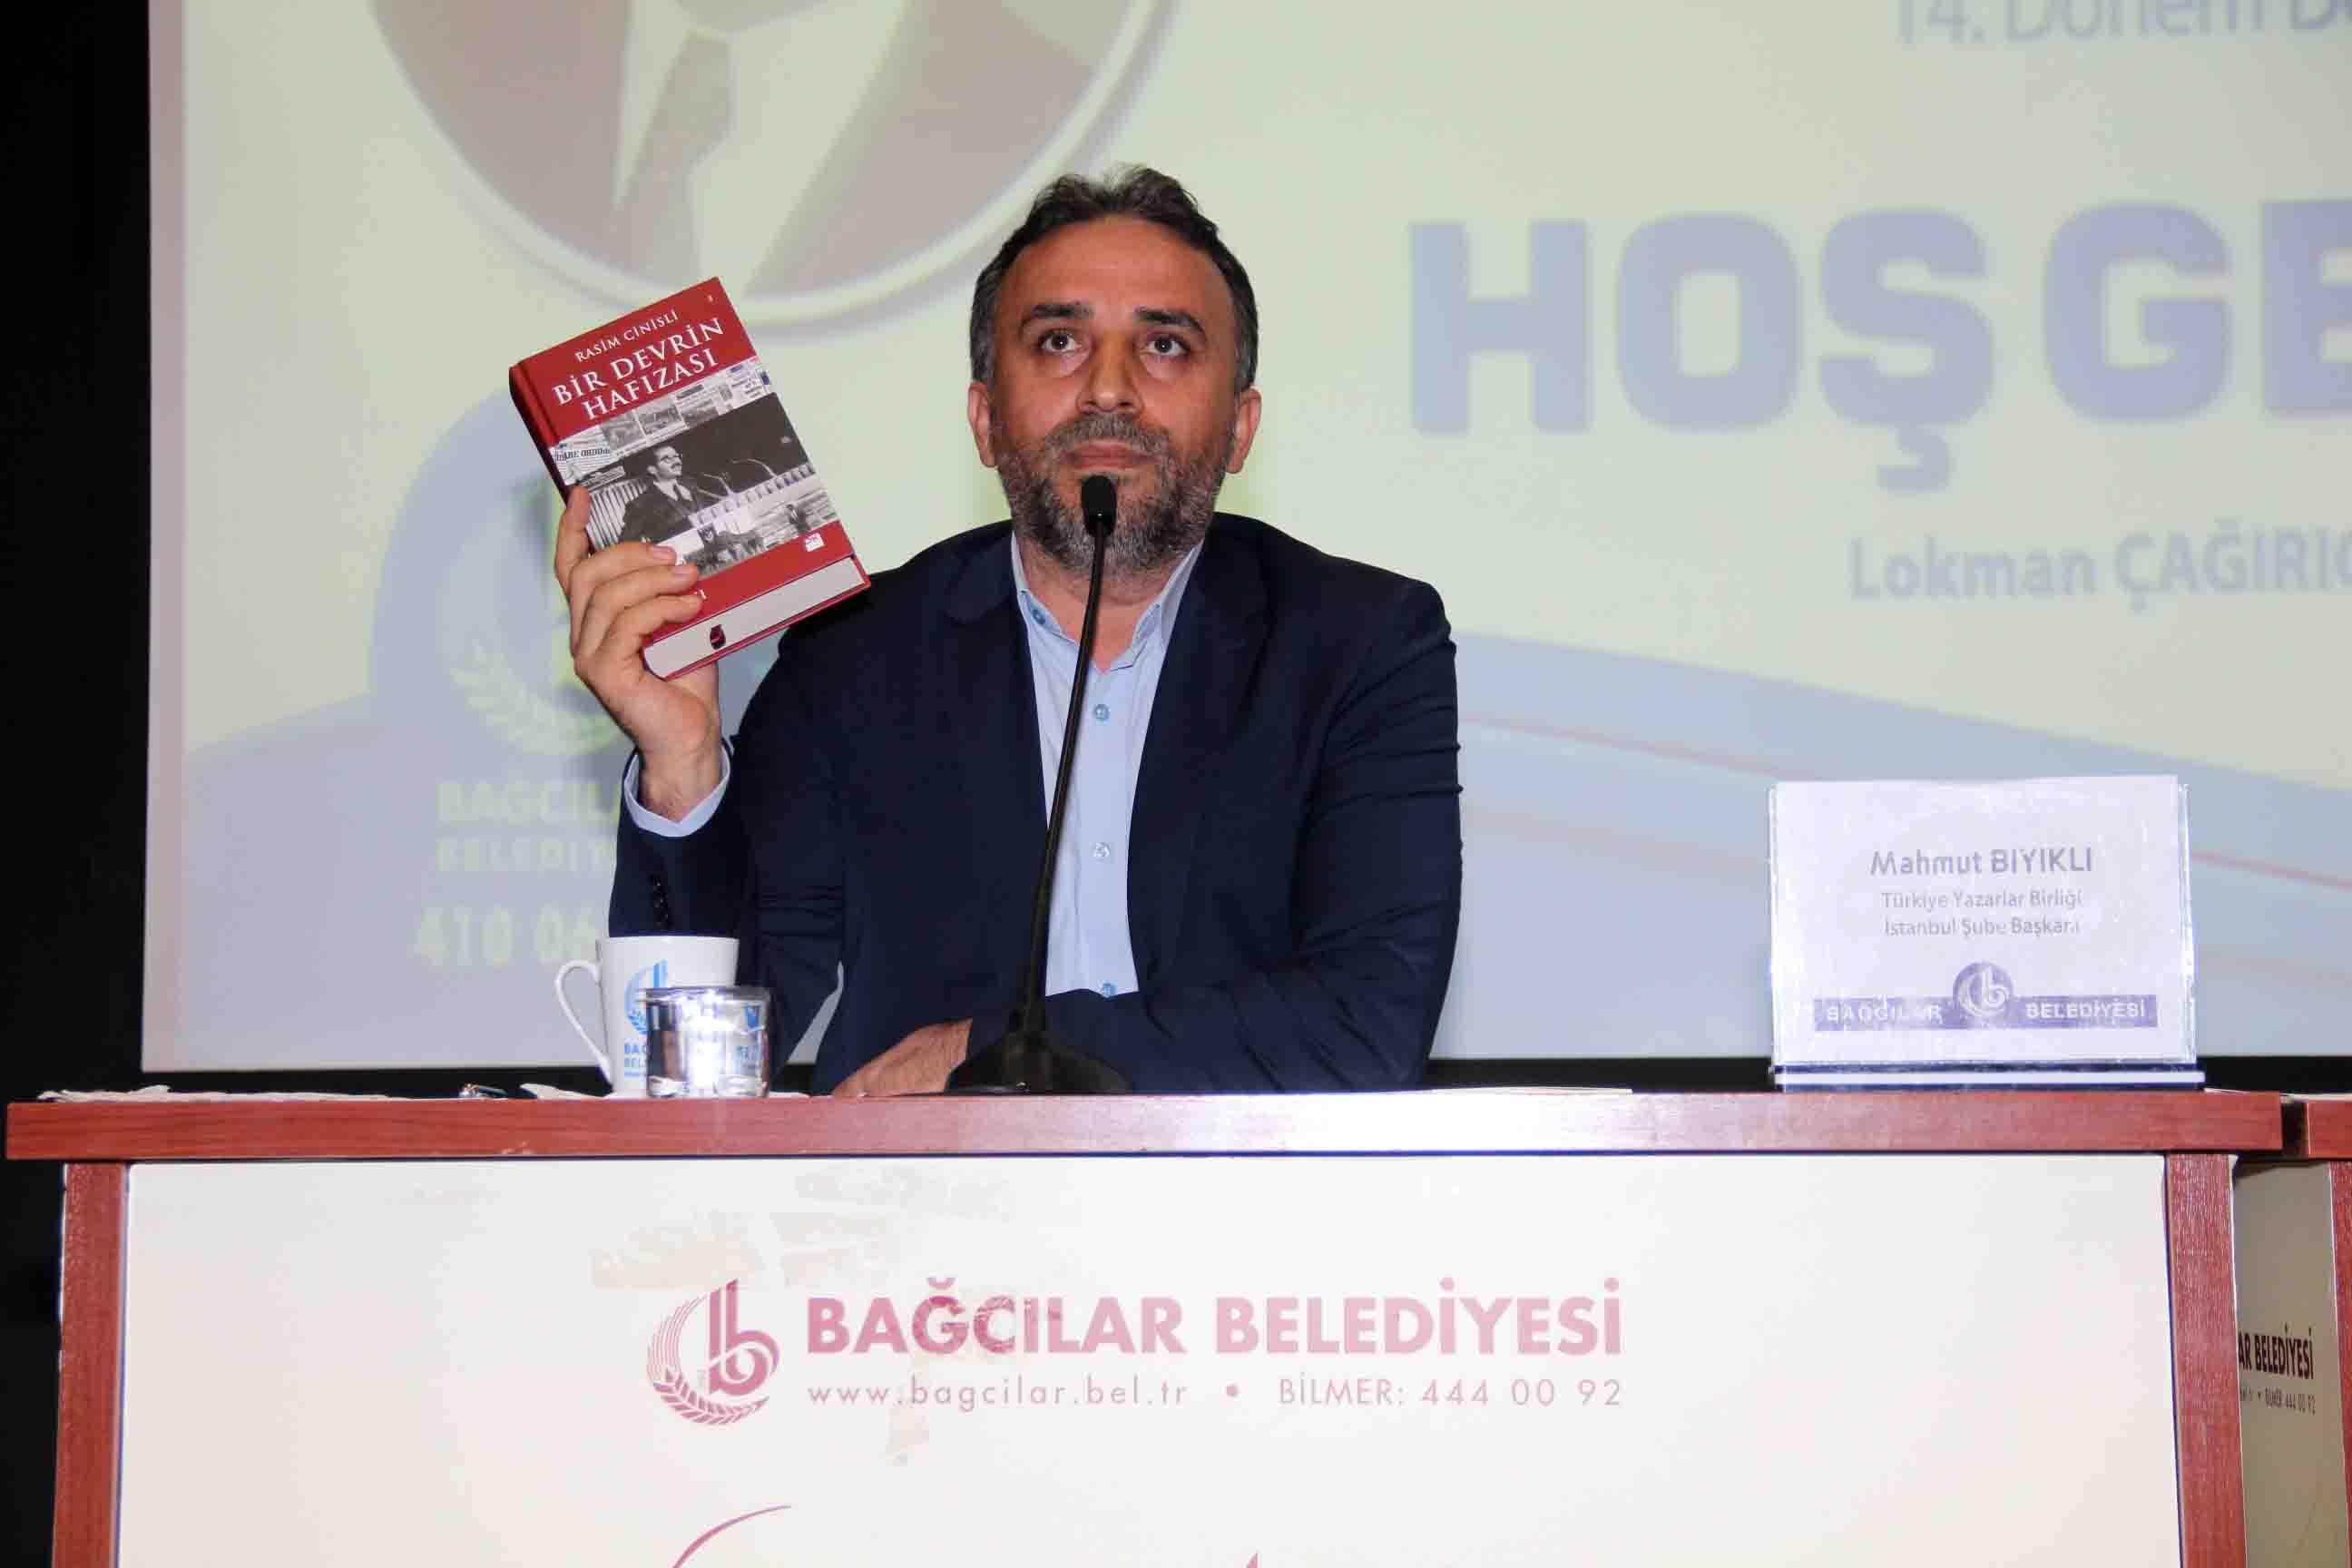 t c bagcilar belediyesi resmi mobil web sitesi ali fuat basgil vefatinin 50 yilinda bagcilar da anildi